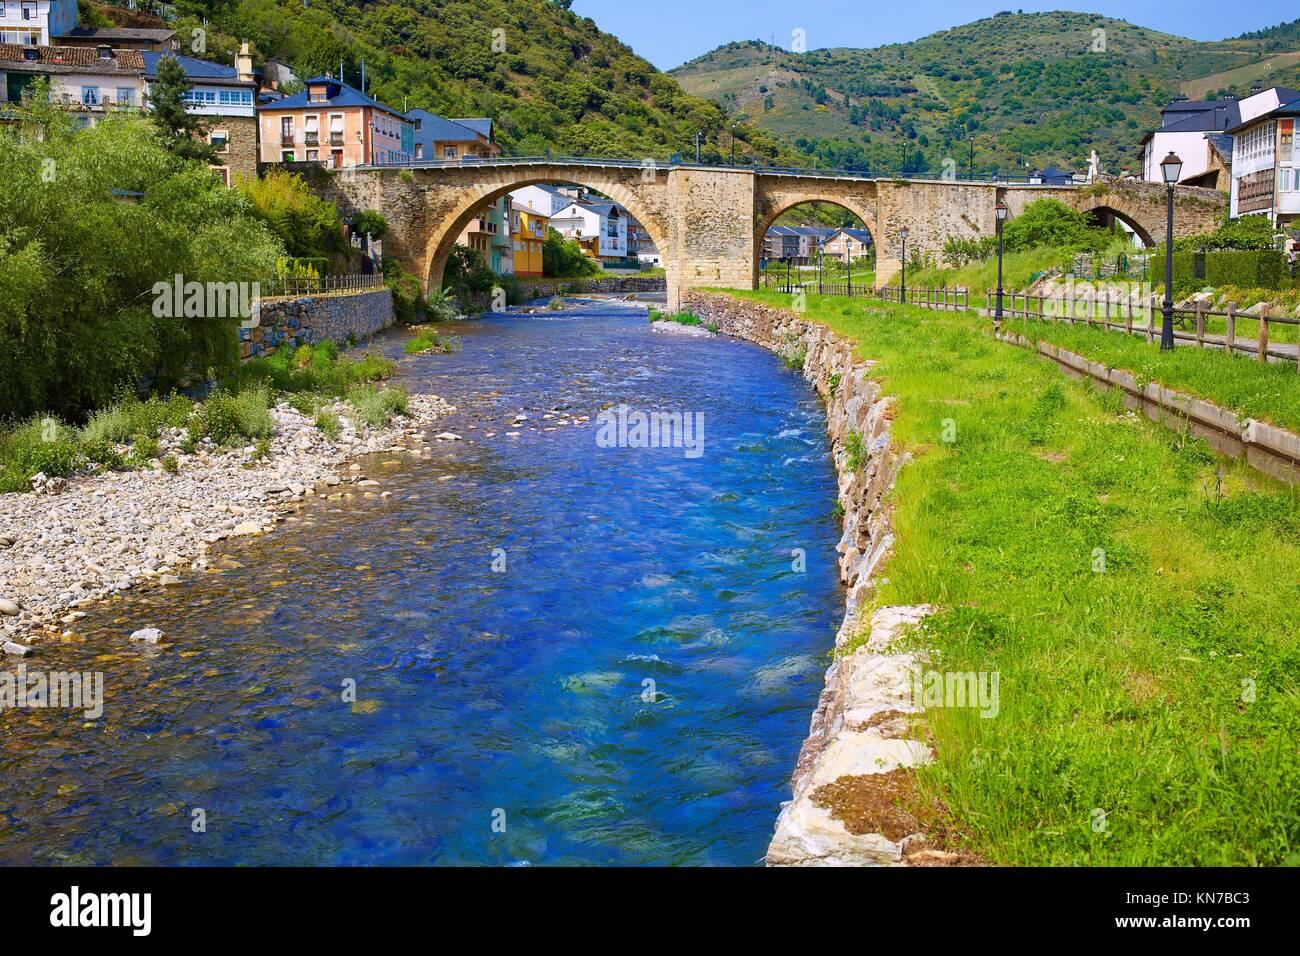 Villafranca del Bierzo by Way of Saint James Burbia river in Leon Spain. - Stock Image